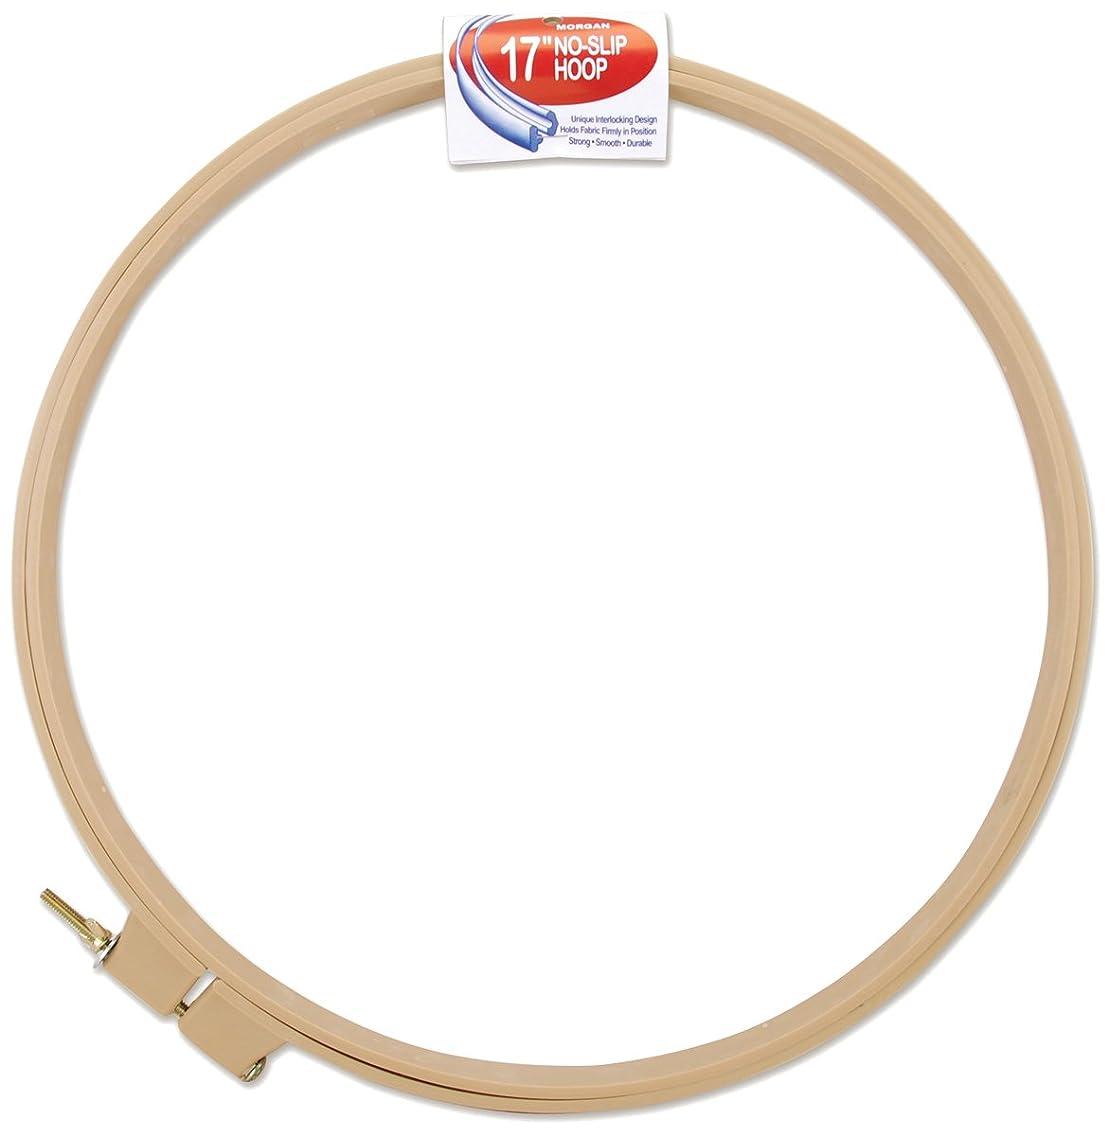 Morgan Products Plastic No-Slip Hoop 17